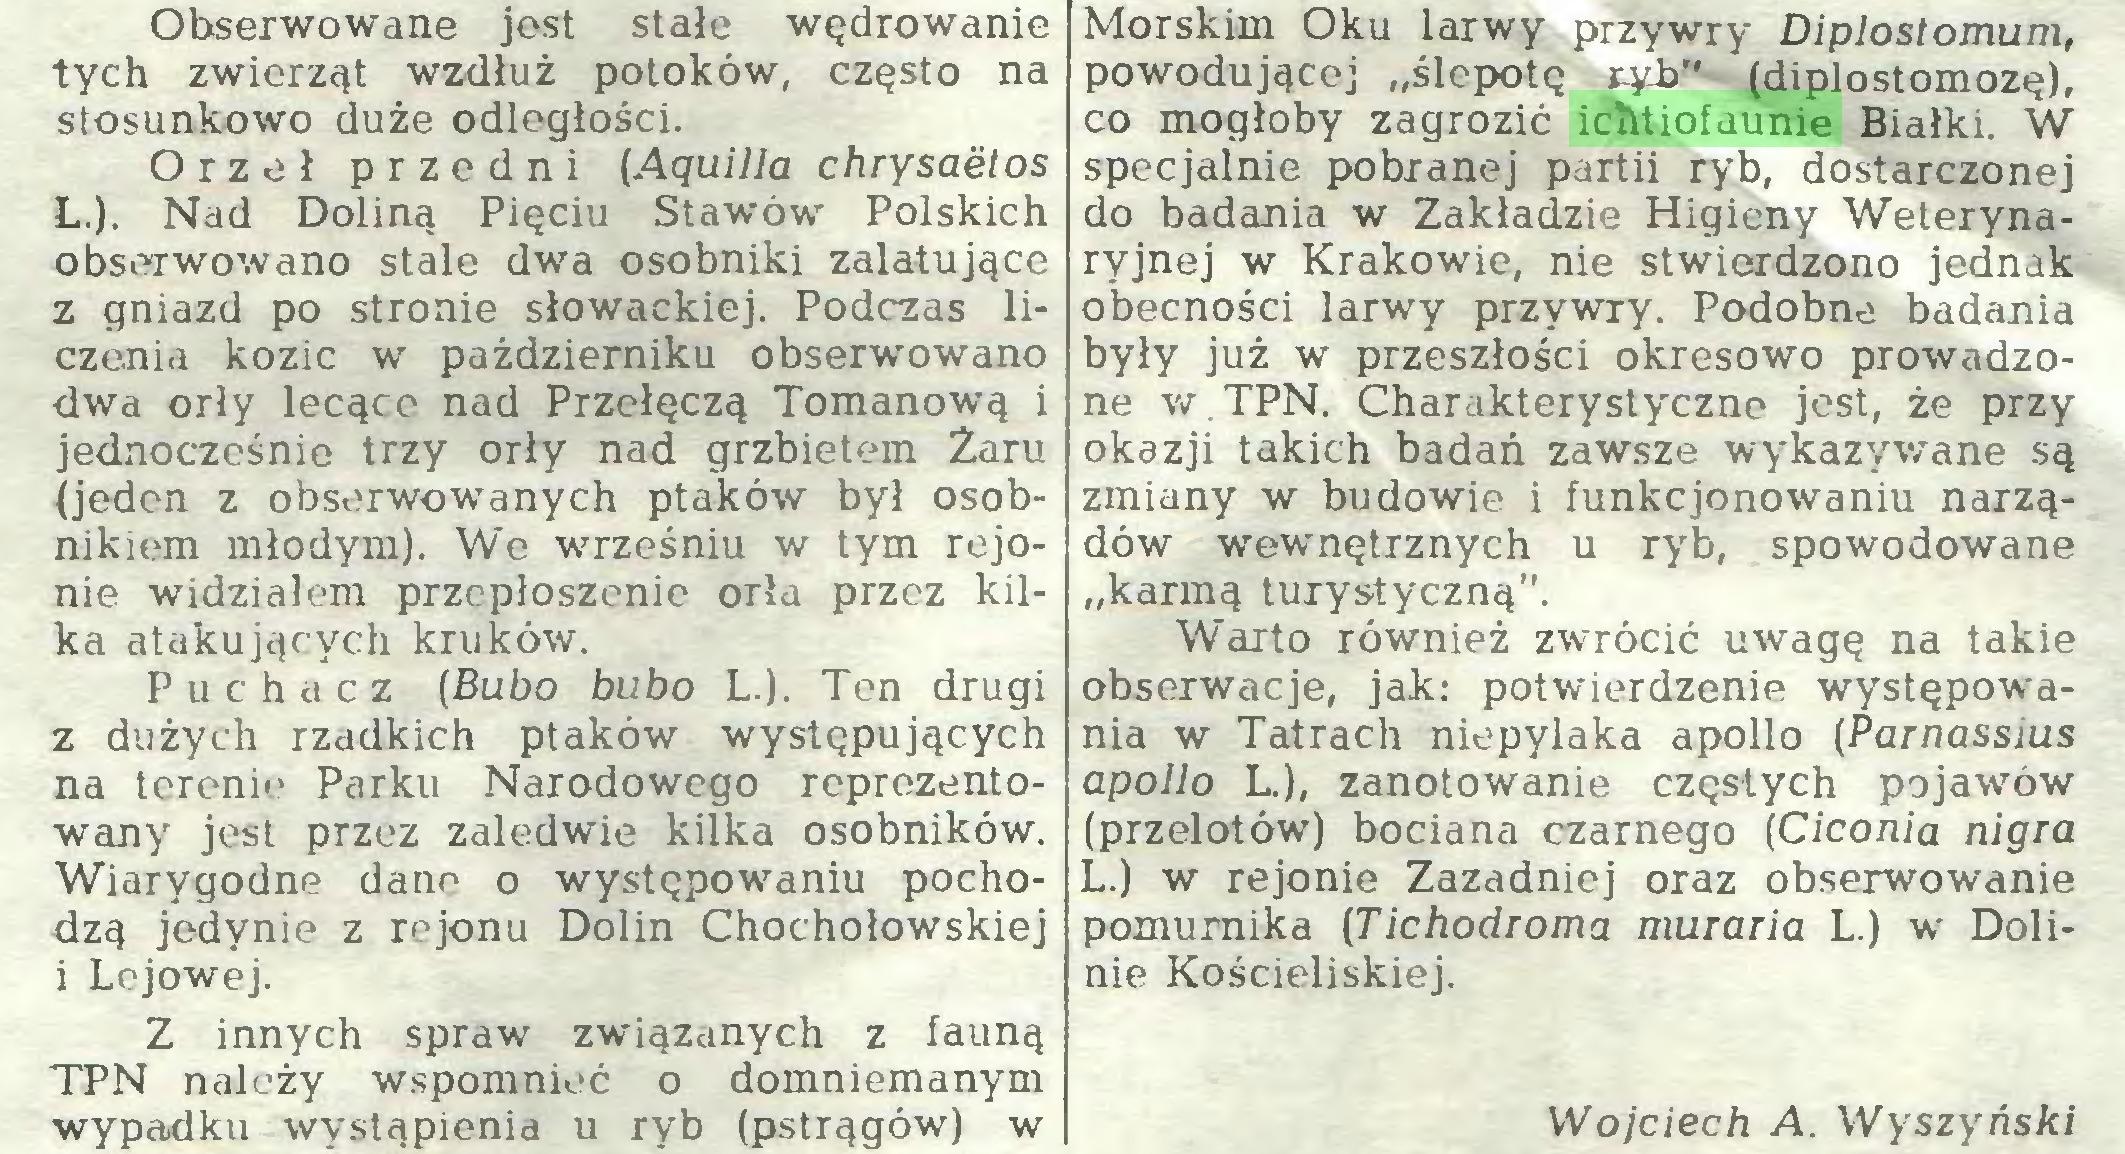 """(...) Z innych spraw związanych z fauną TPN należy wspomnieć o domniemanym wypadku wystąpienia u ryb (pstrągów) w Morskim Oku larwy przywry Diplostomum, powodującej """"ślepotę ryb"""" (diplostomozę), co mogłoby zagrozić ichtiofaunie Białki. W specjalnie pobranej partii ryb, dostarczonej do badania w Zakładzie Higieny Weterynaryjnej w Krakowie, nie stwierdzono jednak obecności larwy przywry. Podobne badania..."""